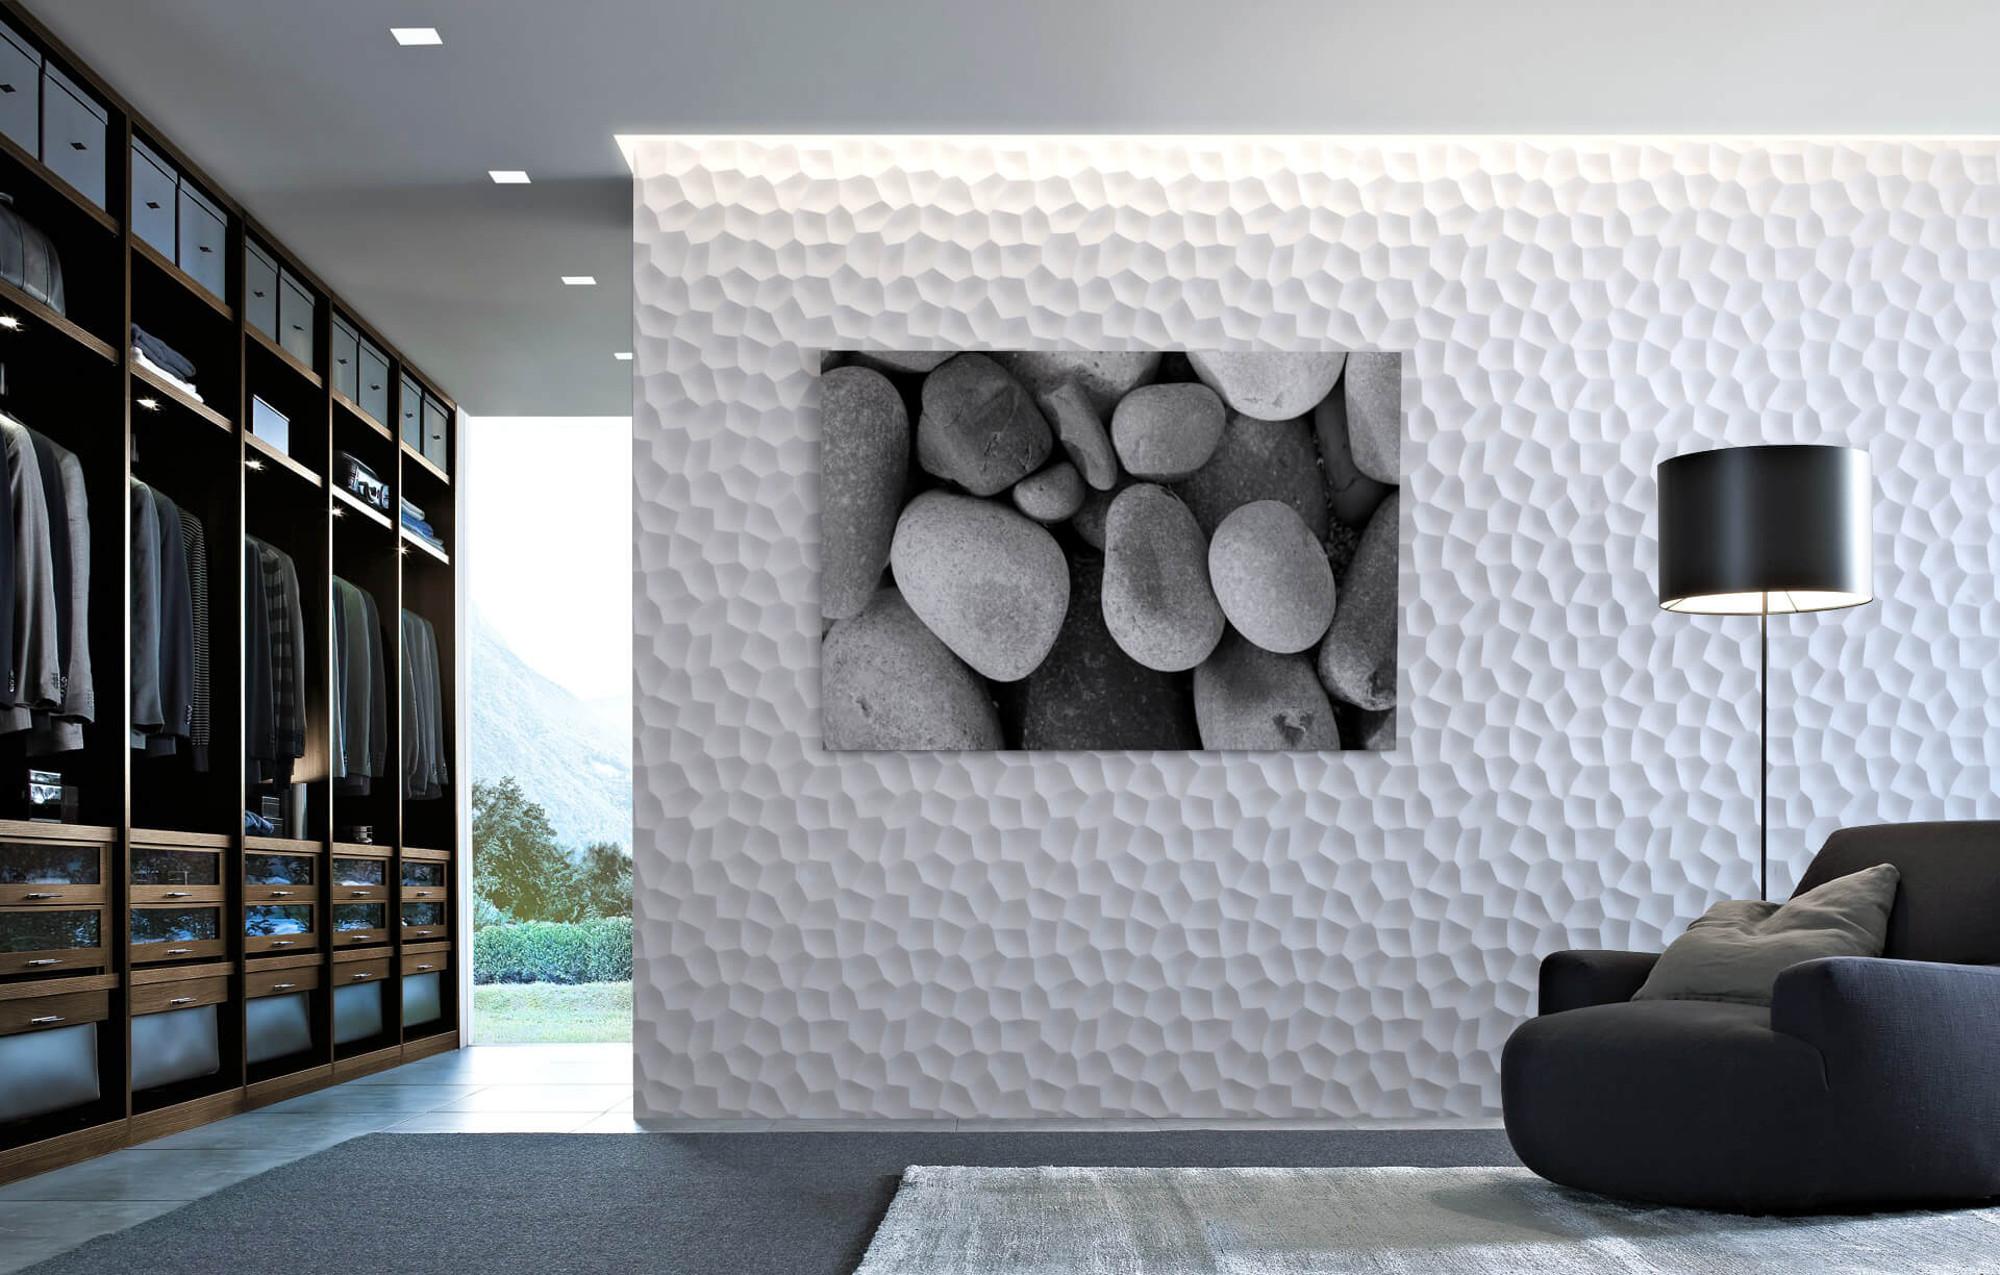 Je li moguće na 3D zidni panel montirati lampu ili sliku?